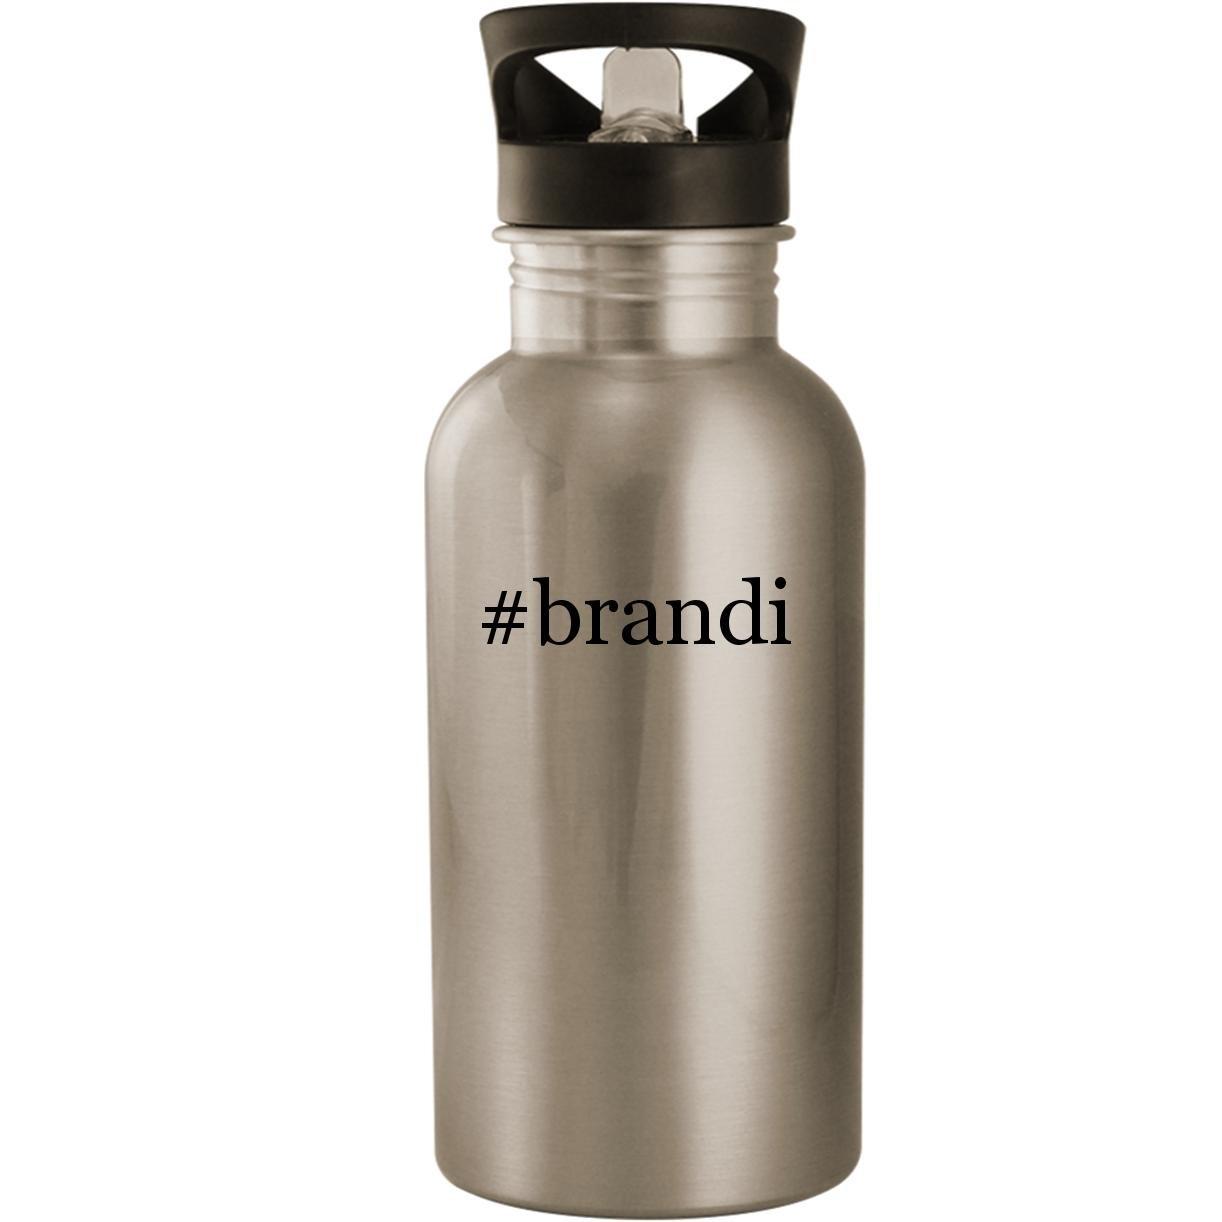 # brandi – ステンレススチール20oz Road Ready水ボトル シルバー US-C-07-18-02-067075-04-26-18-26 B07FT2SPBS シルバー